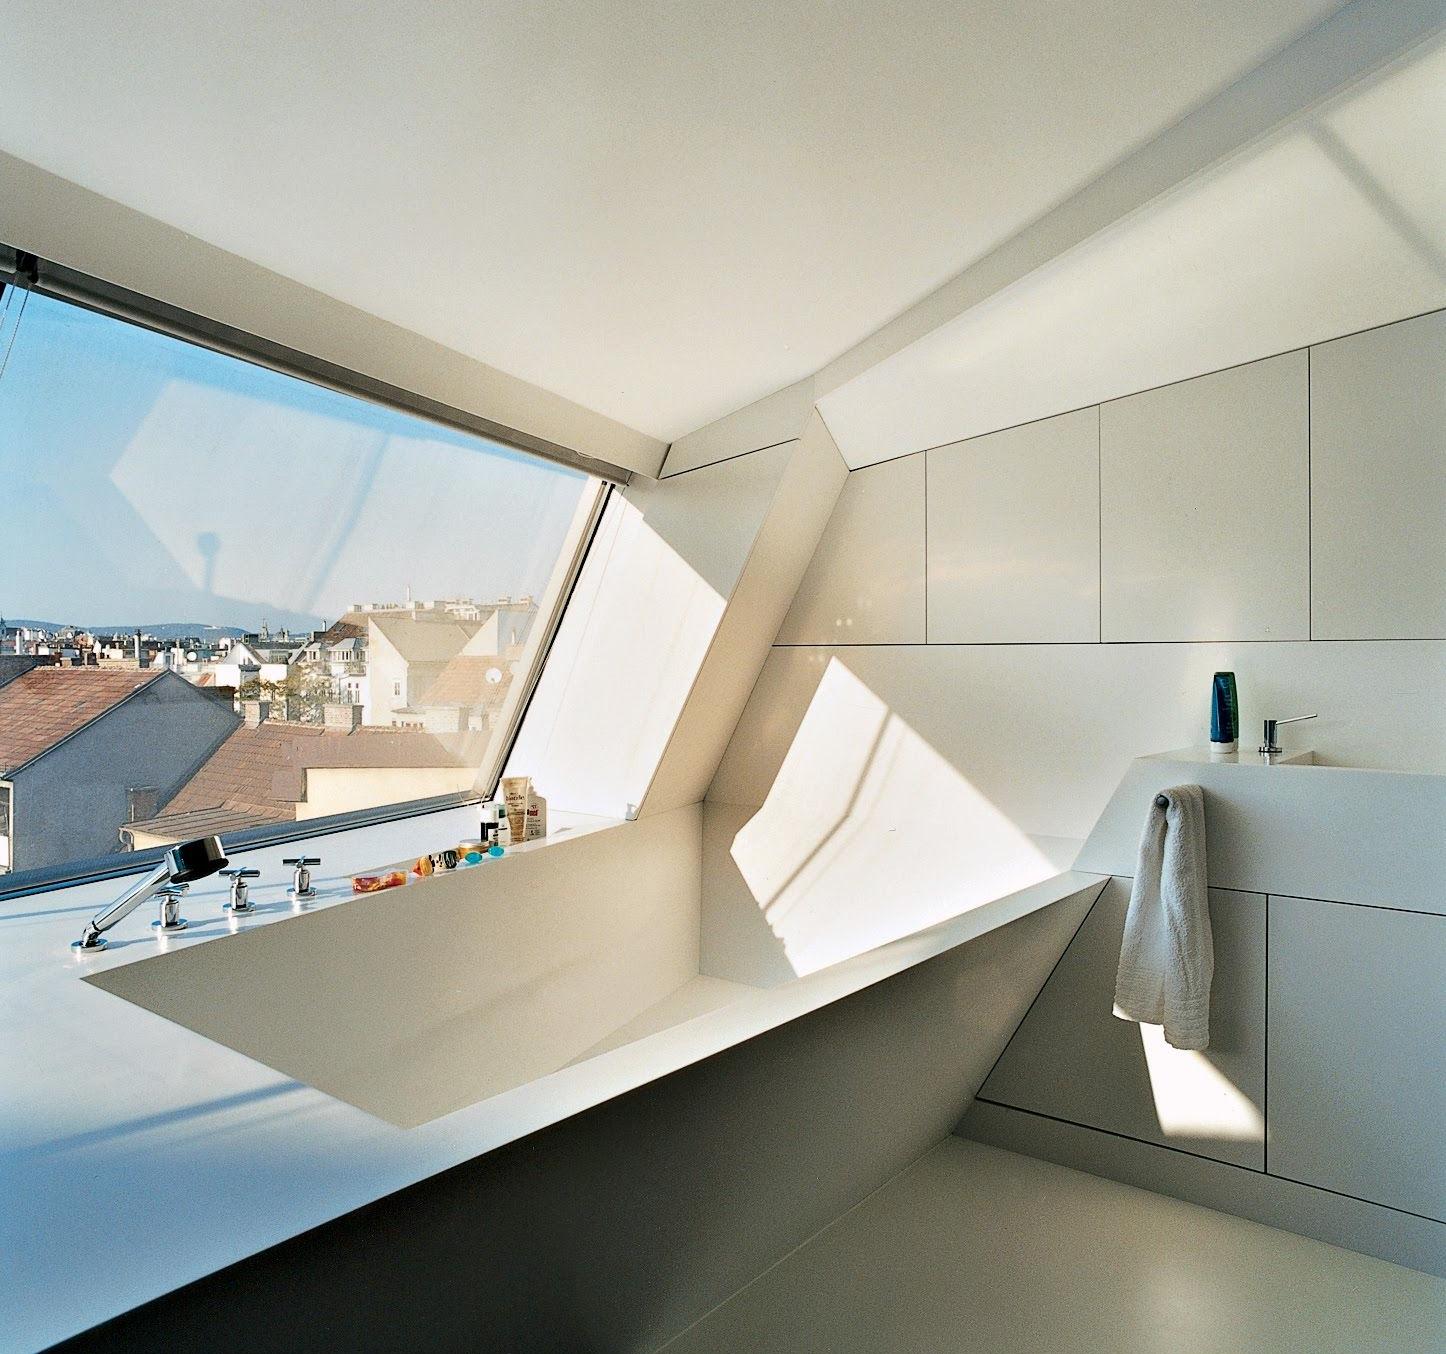 Avec son minimalisme évident, la haute technologie crée un intérieur luxueux